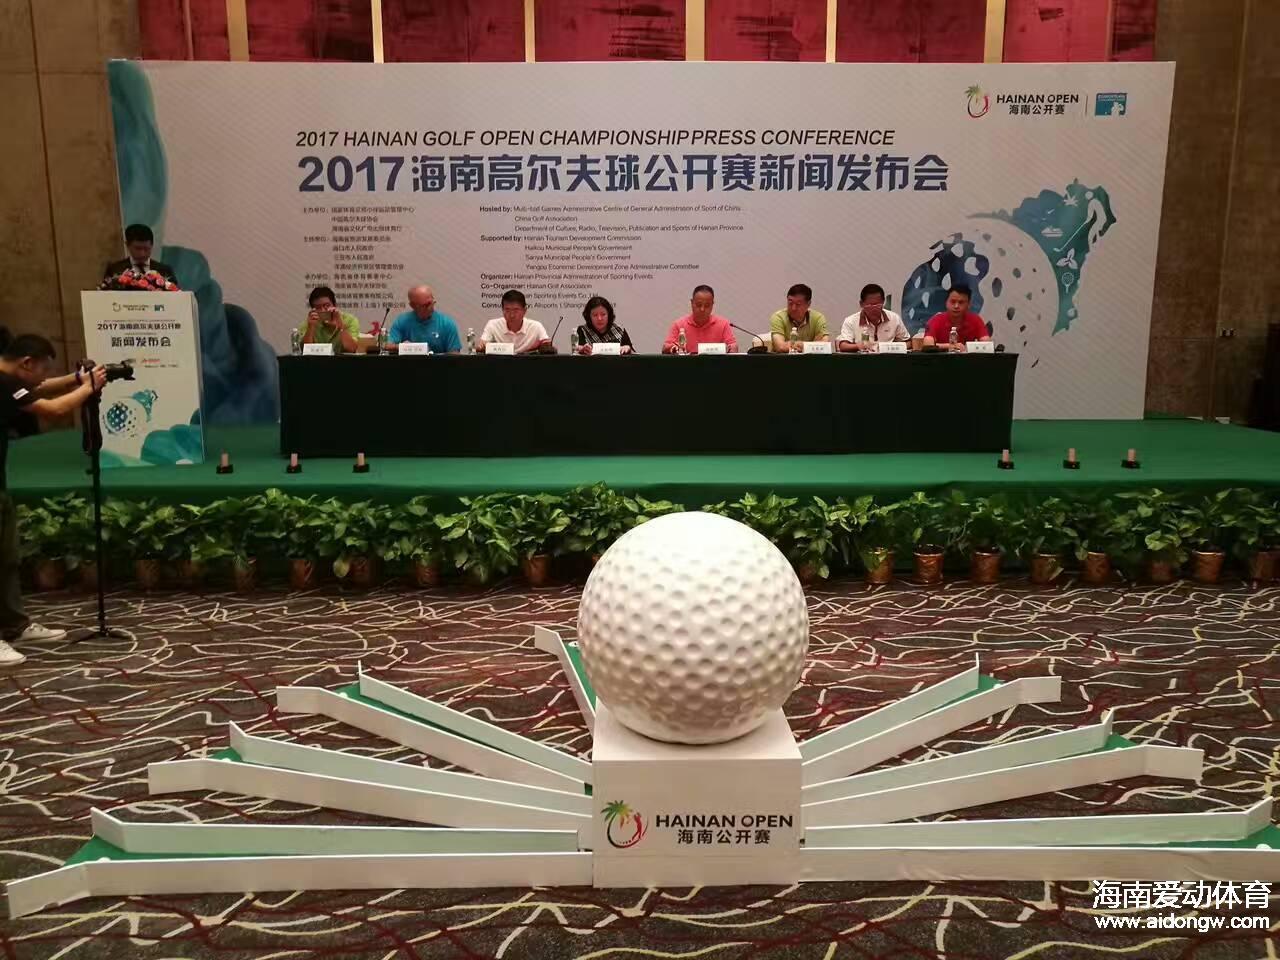 2017海南高尔夫球公开赛三亚正式启动 赛事服务、宣传提质升级